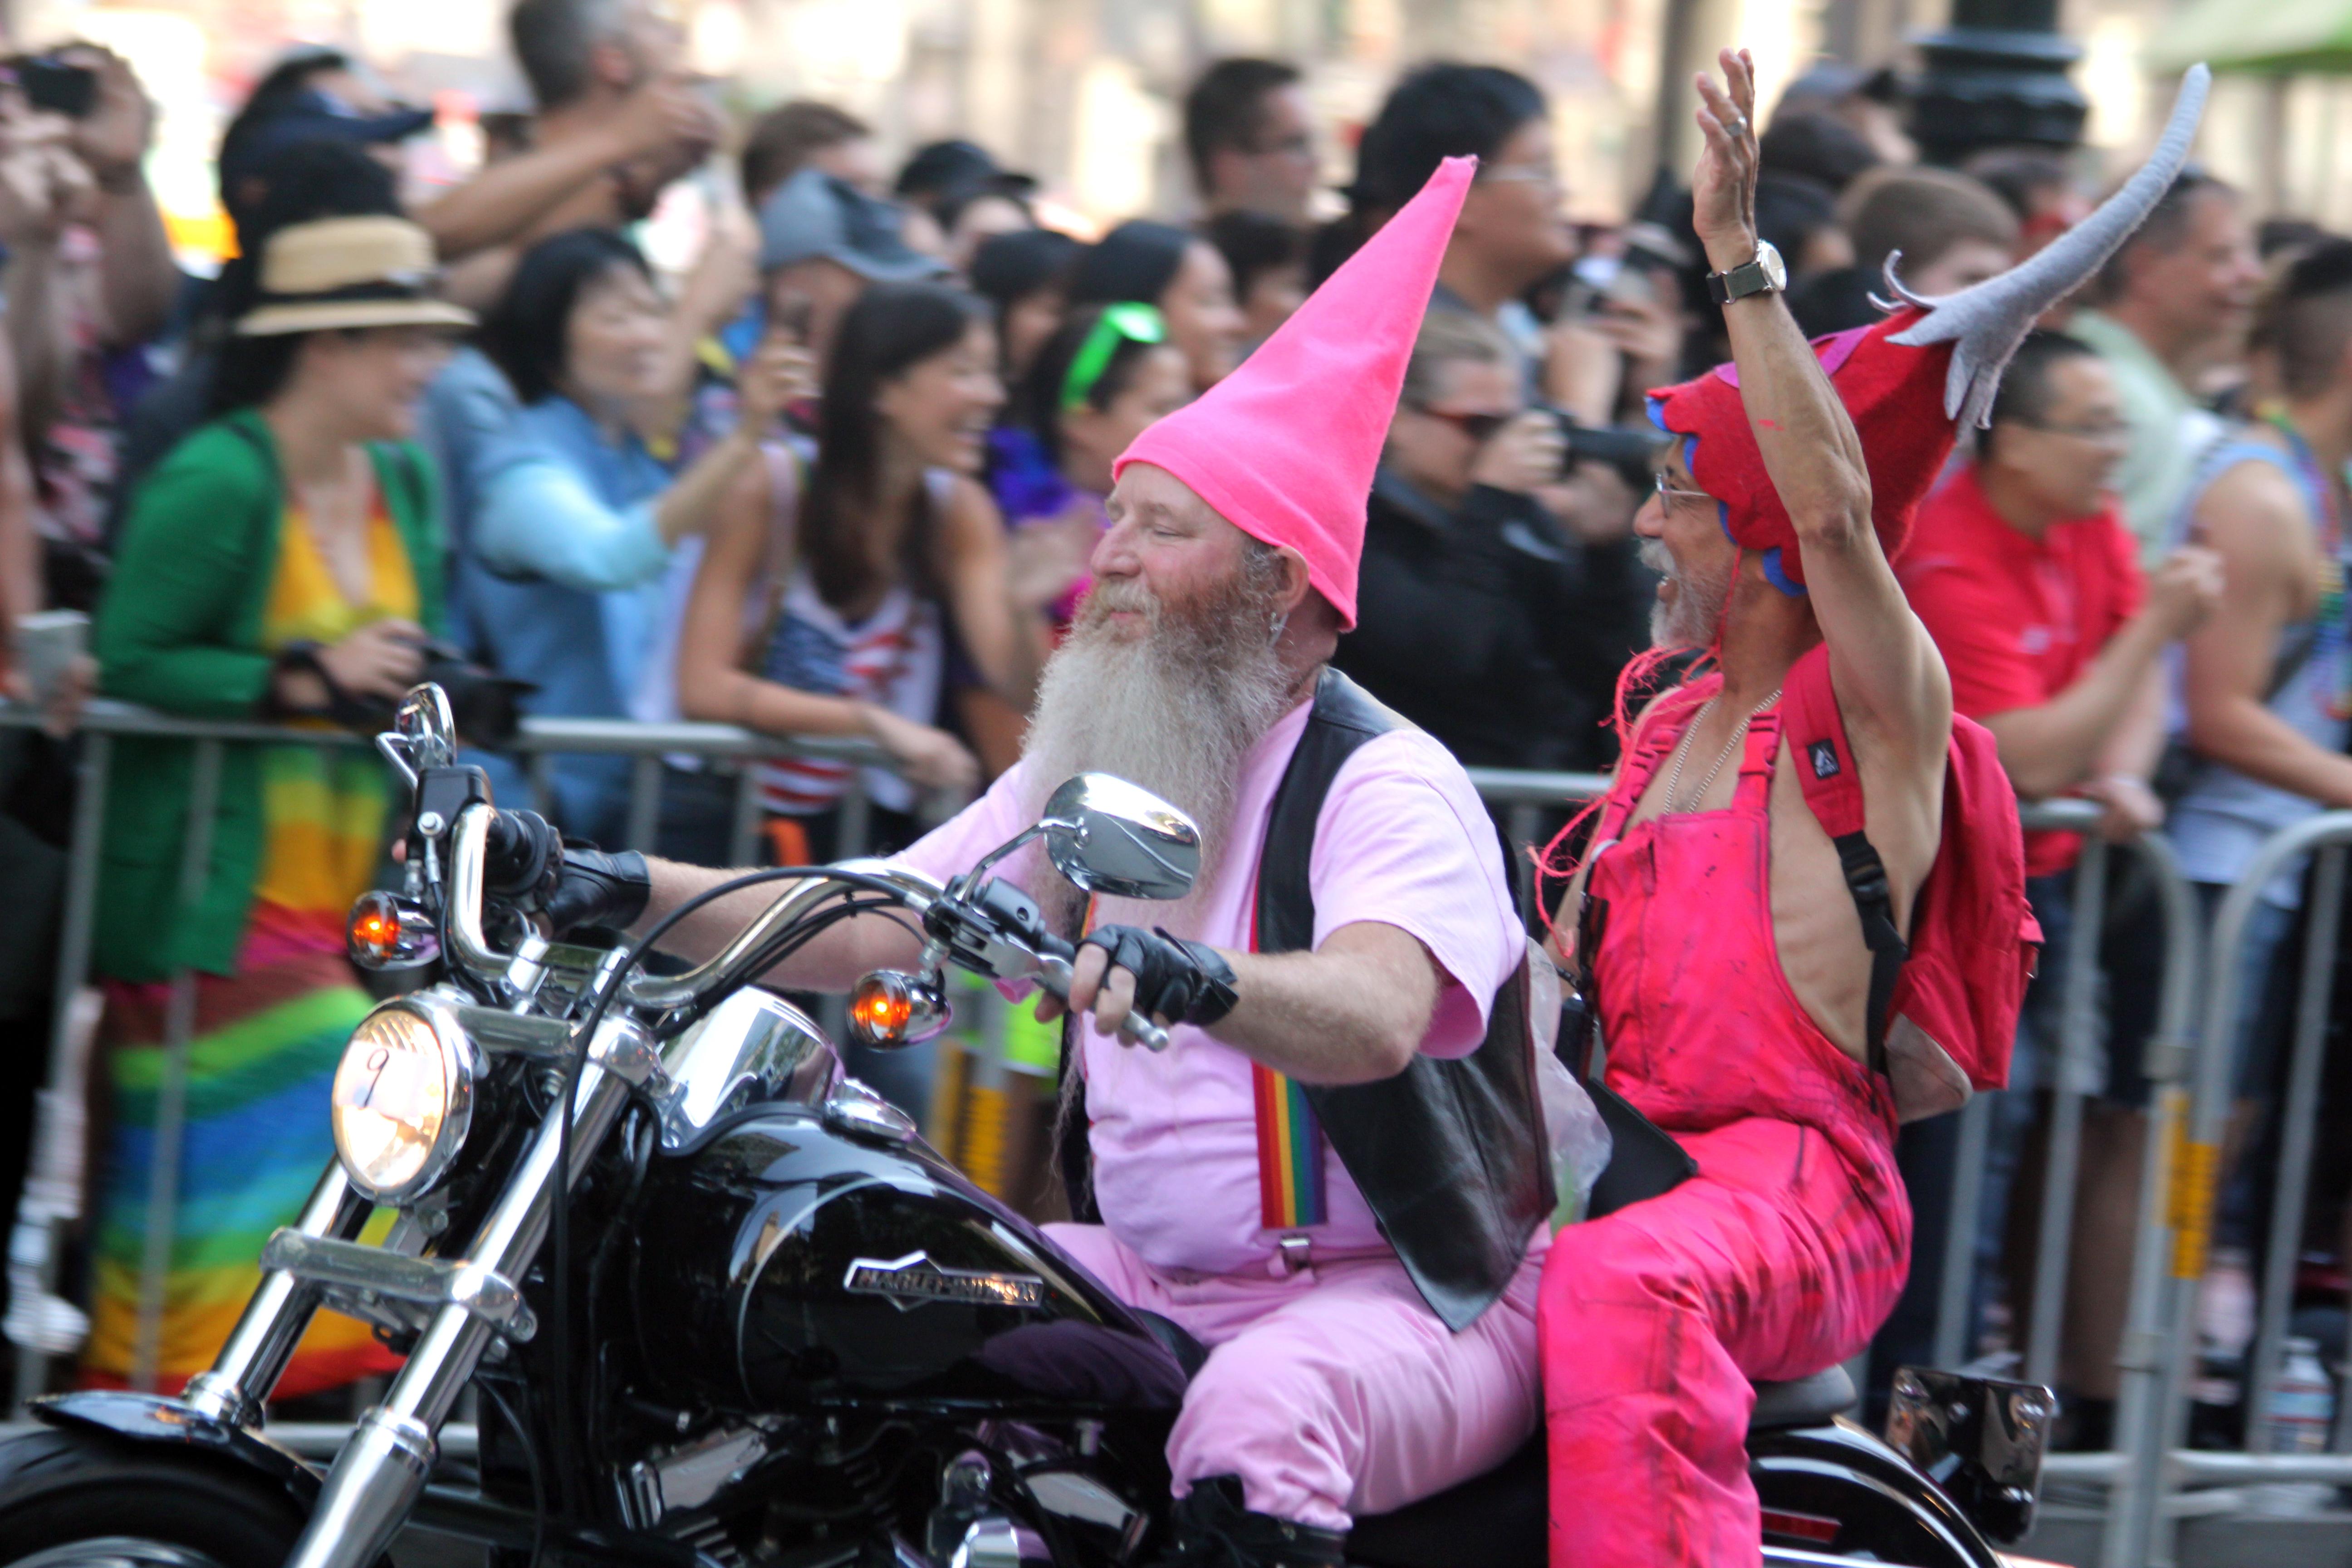 old bikers File:Old bikers in big hats (9180344668).jpg